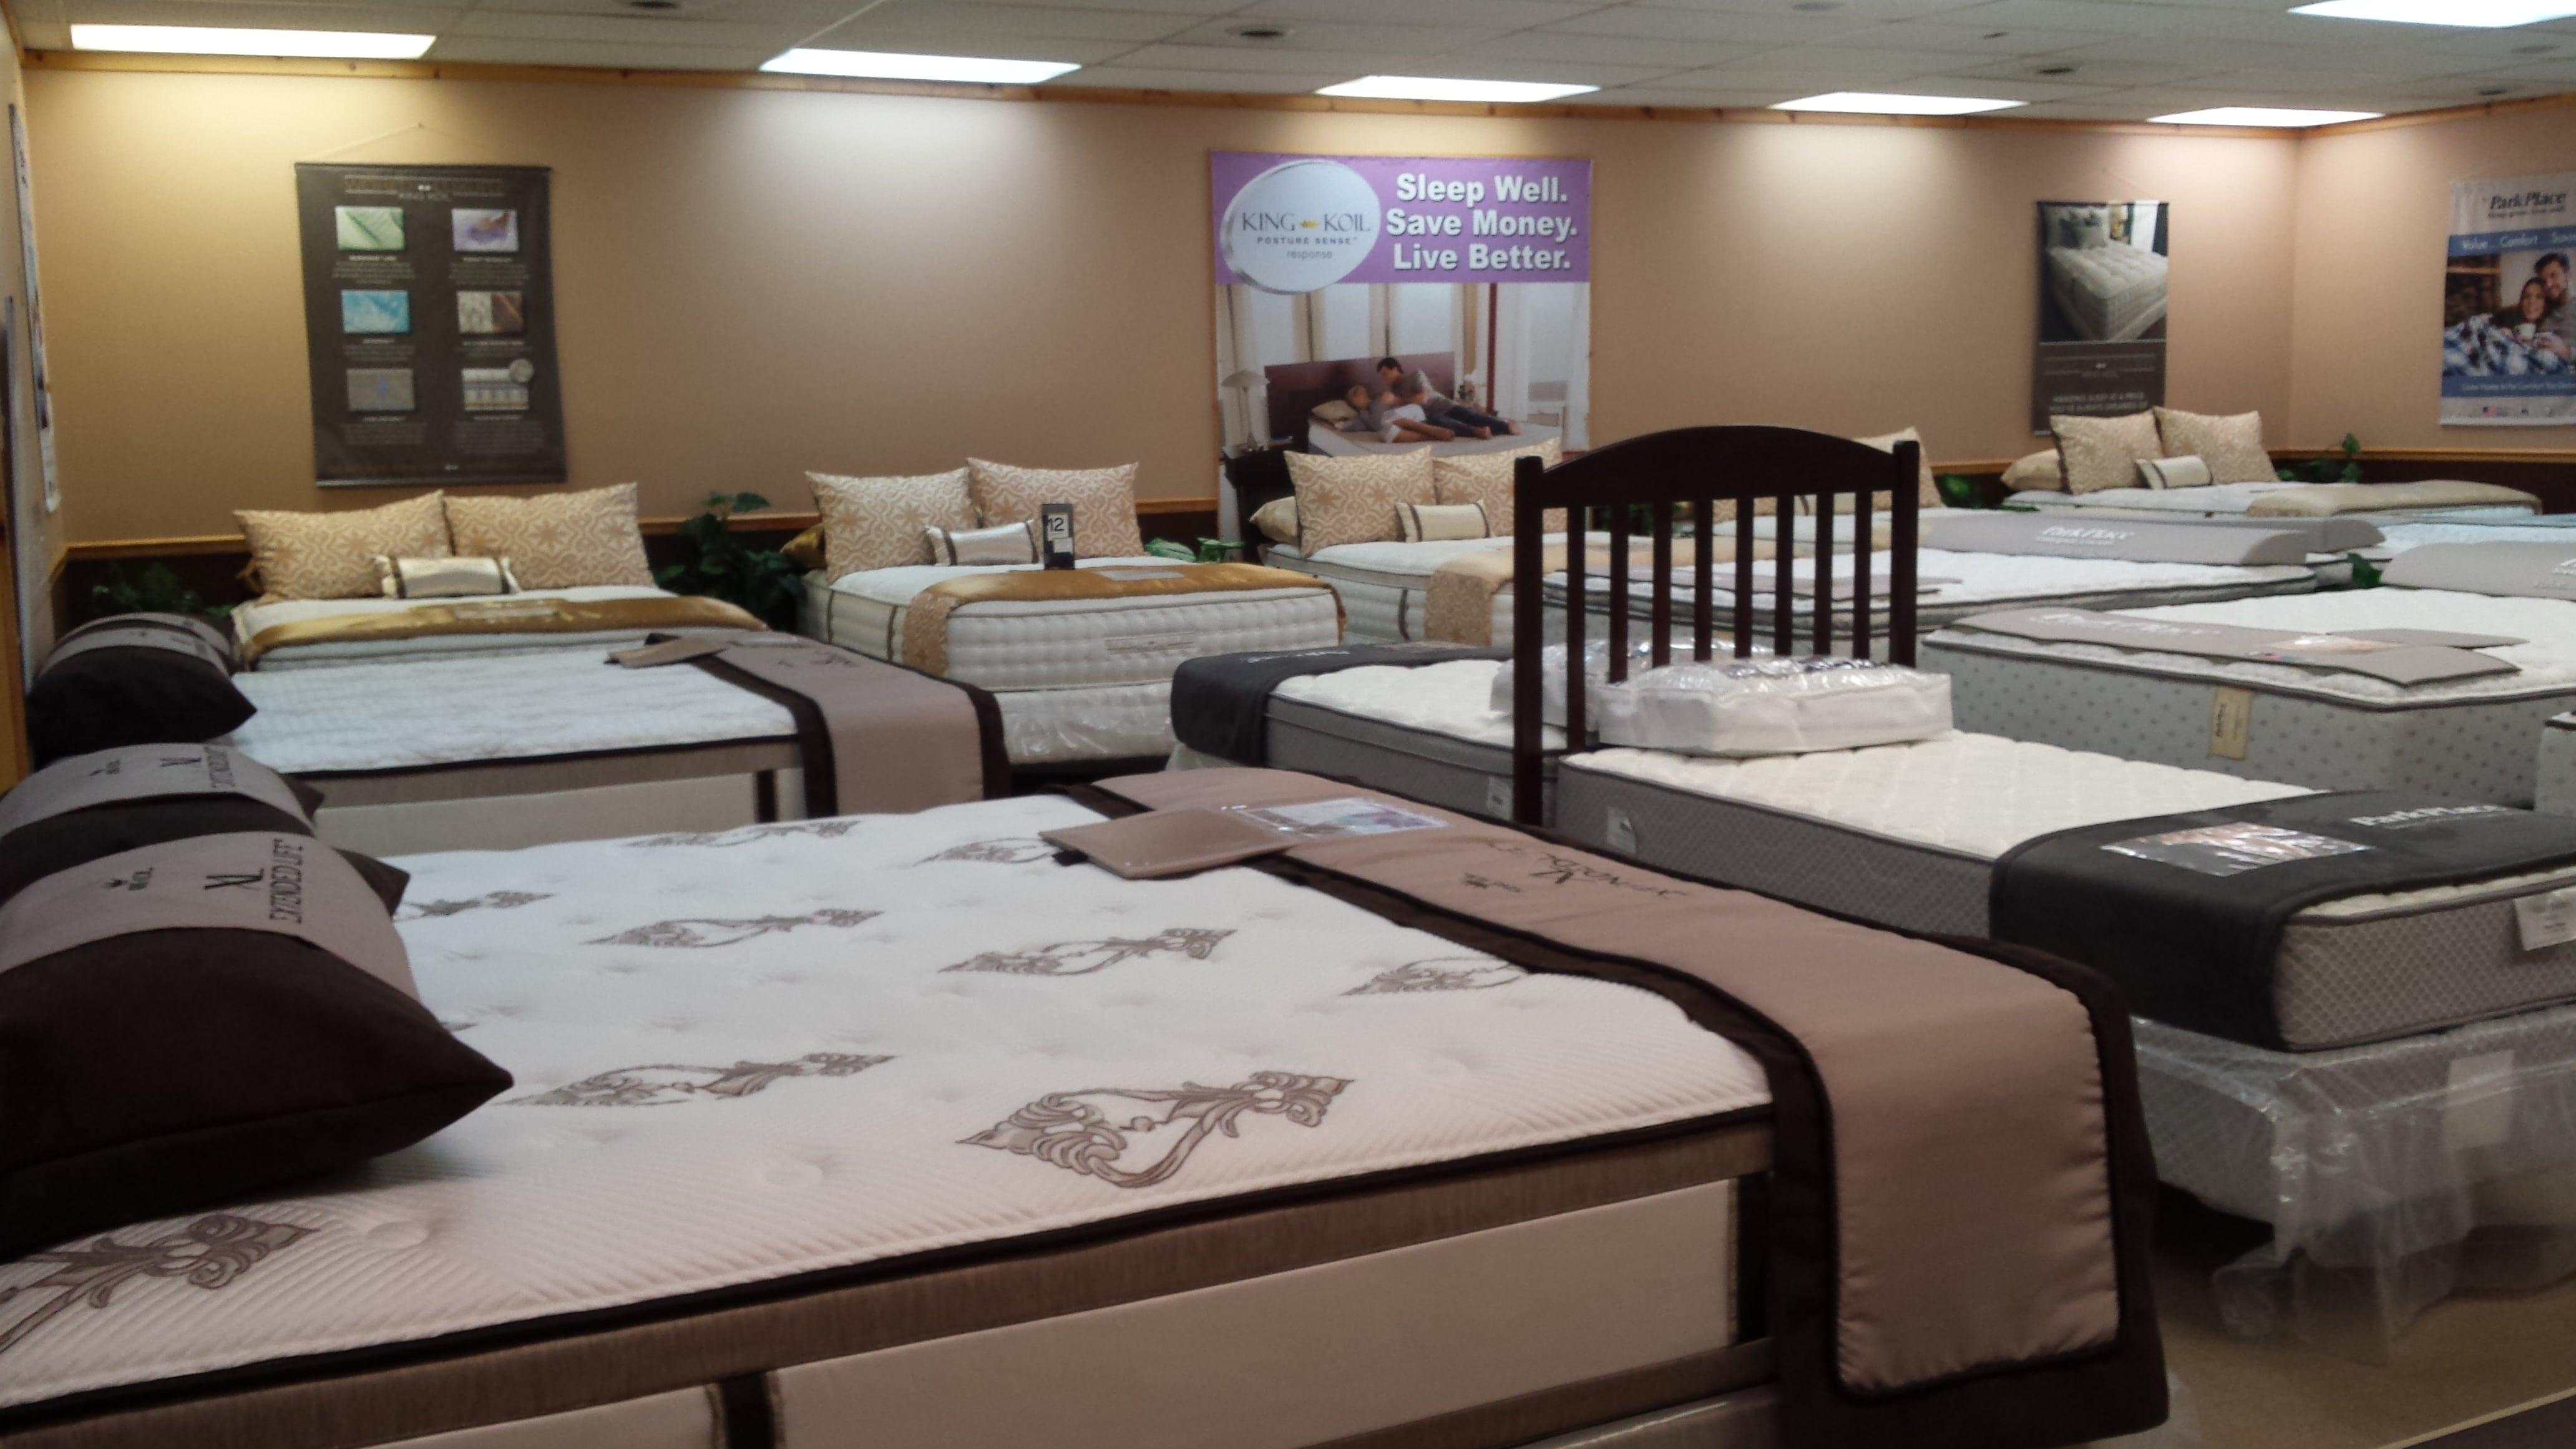 Mattress Store Mattress Sales Gimmicks Bed Frames